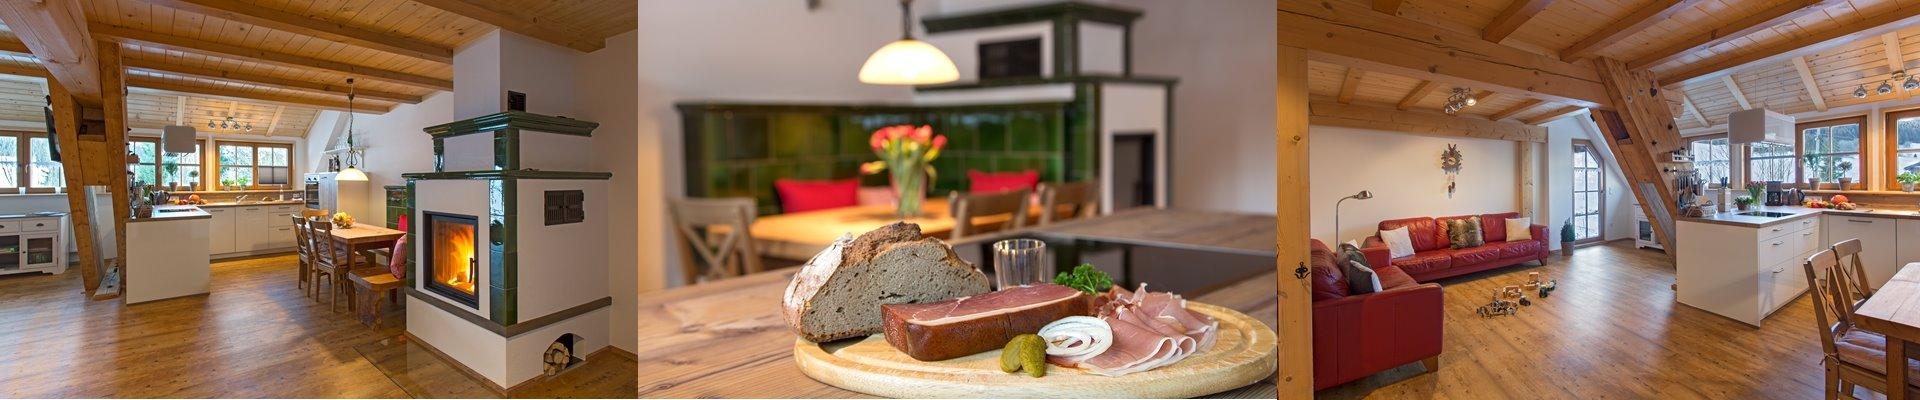 Collage: Ferienwohnung Kueche + Kachelofen + Wohnzimmer / Griesbachhof-Schwarzwald